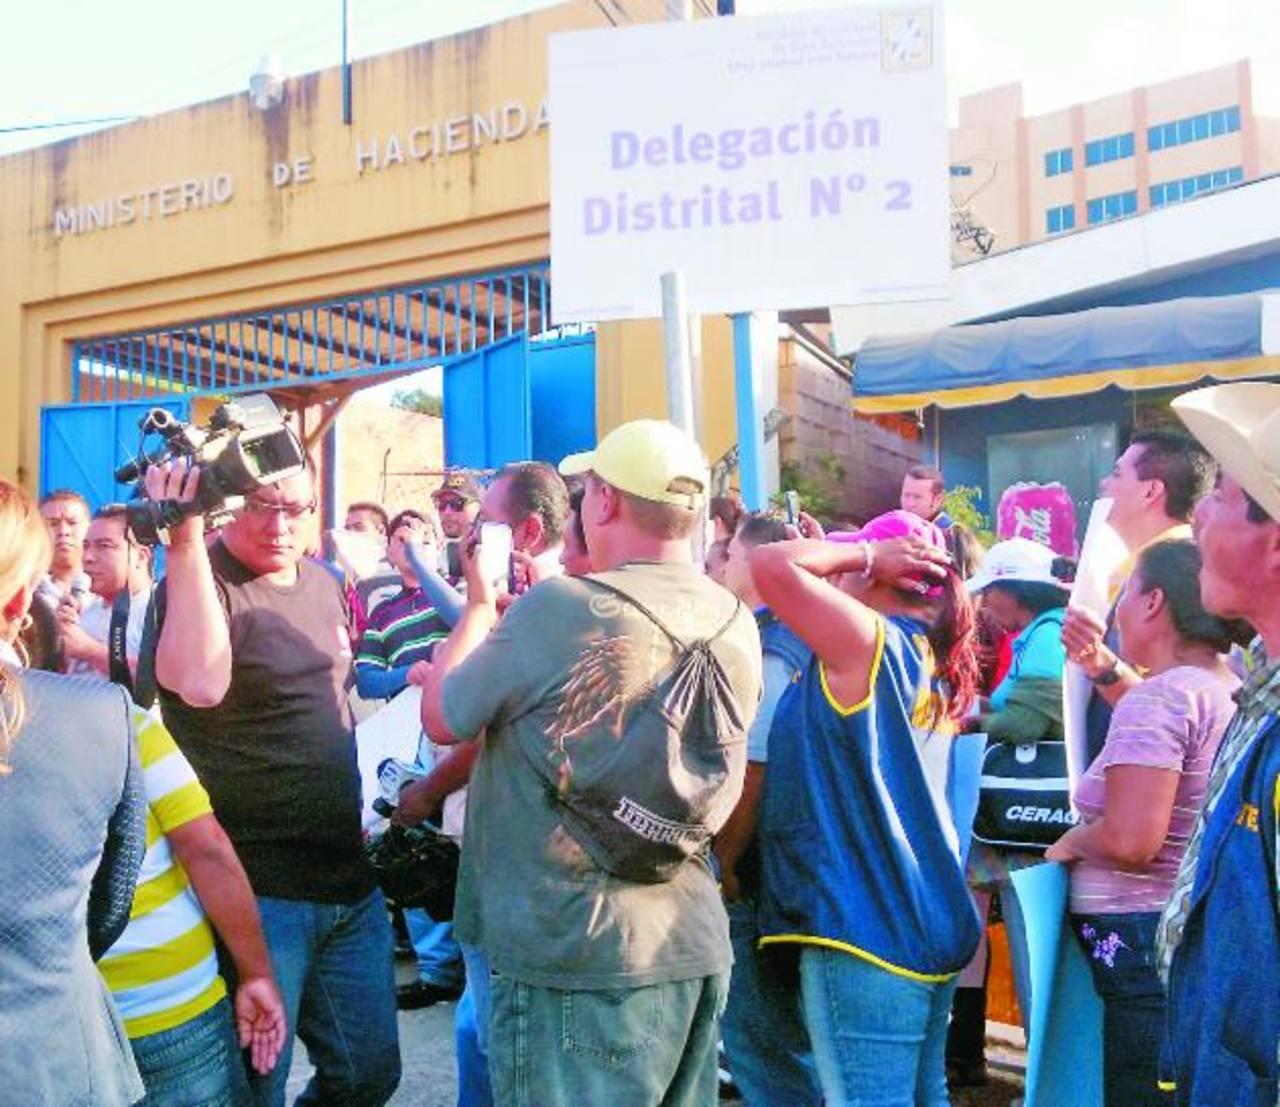 Los manifestantes bloquearon por más de media hora la entrada al Distrito 2 de la comuna. Foto EDH / NIDIA HERNÁNDEZUnos quince vendedores llegaron a la zona. El jefe del Distrito 2 accedió a dialogar con ellos. Foto EDH / NIDIA HERNÁNDEZ